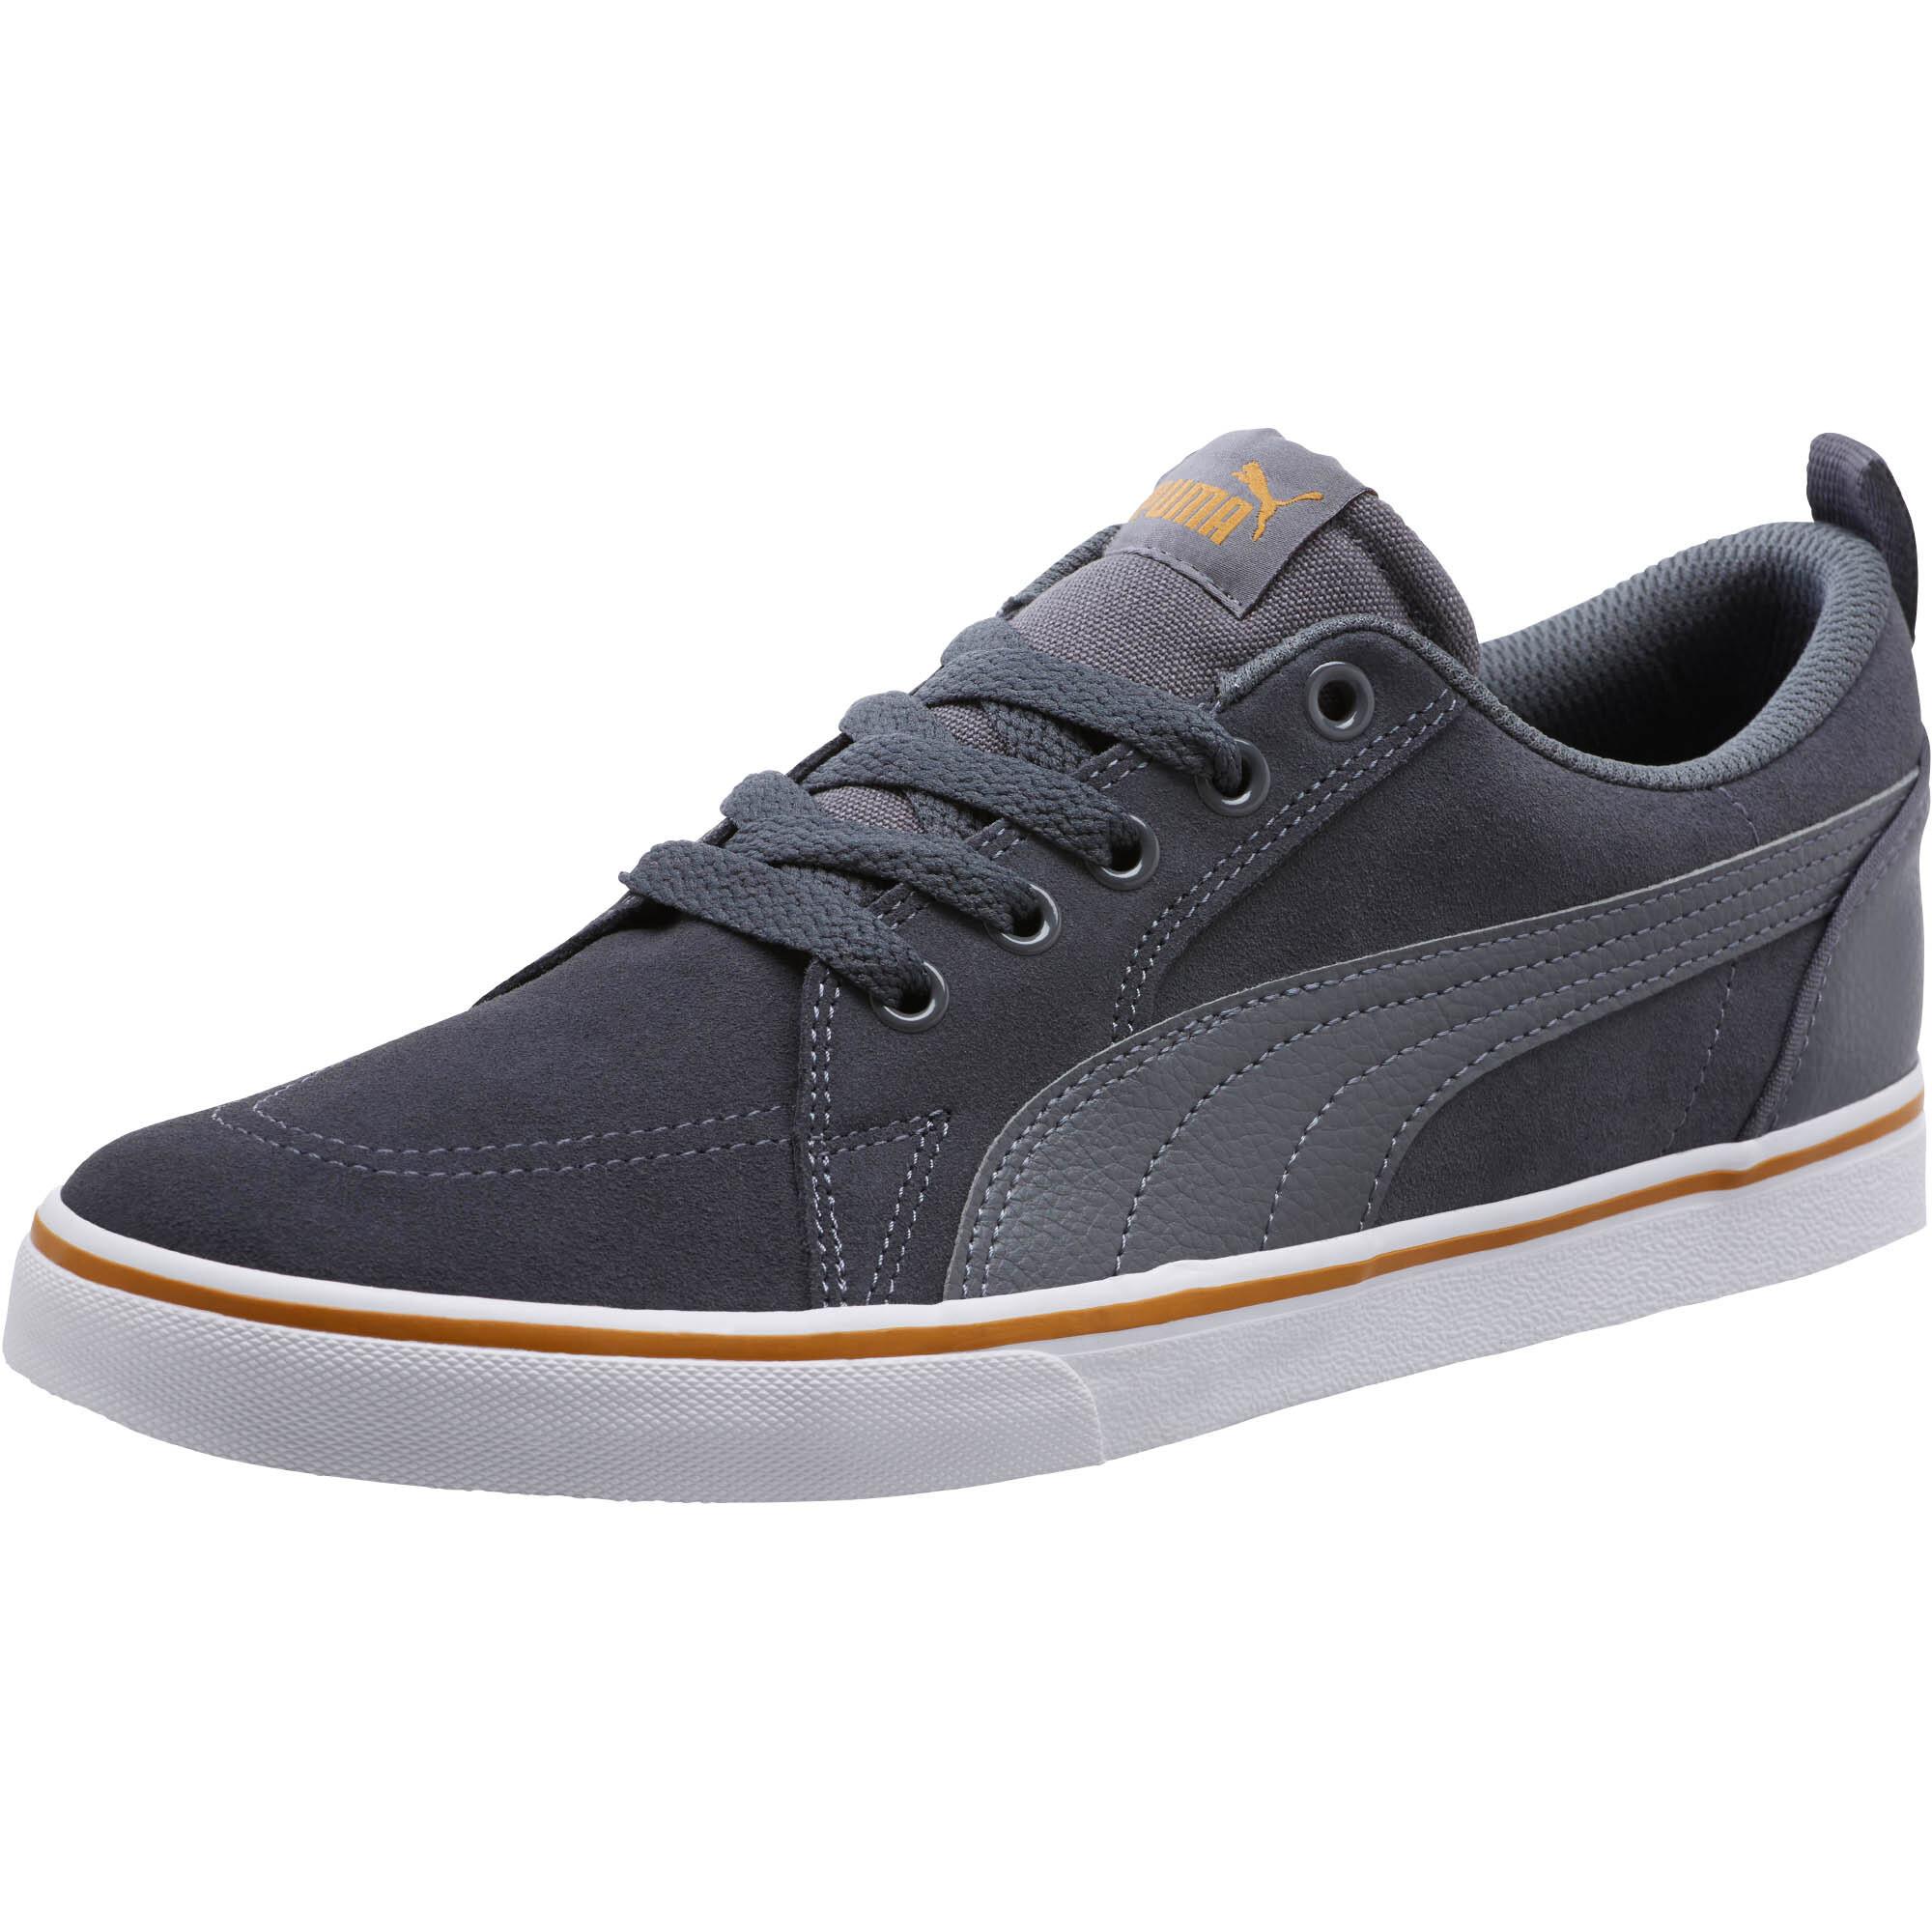 PUMA-Puma-Bridger-SD-Men-039-s-Sneakers-Men-Shoe-Basics thumbnail 25